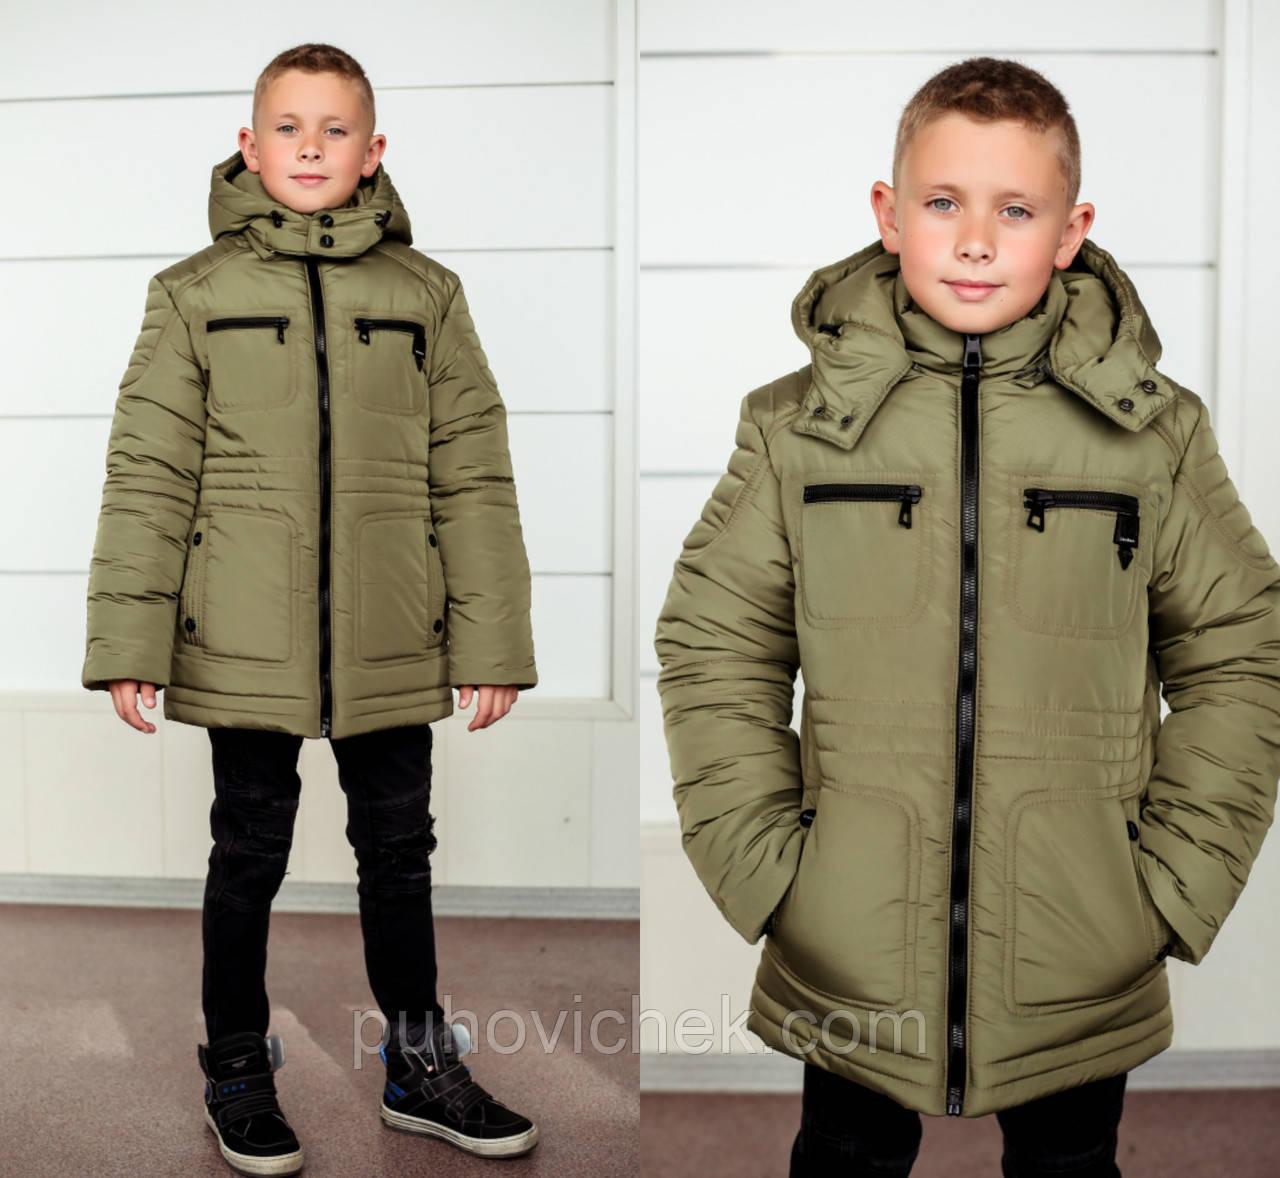 4160658193a Зимние куртки и пуховики для мальчиков интернет магазин купить ...